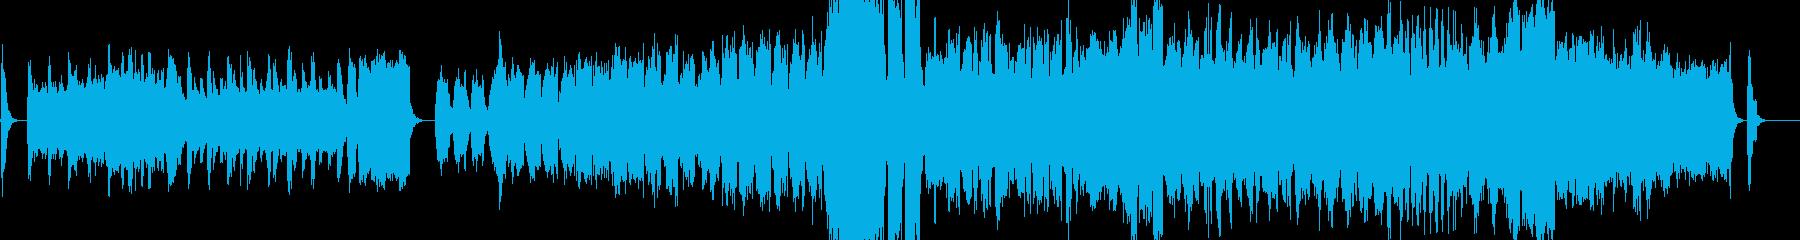 クラシカル・ほのぼの・おしゃれなワルツの再生済みの波形